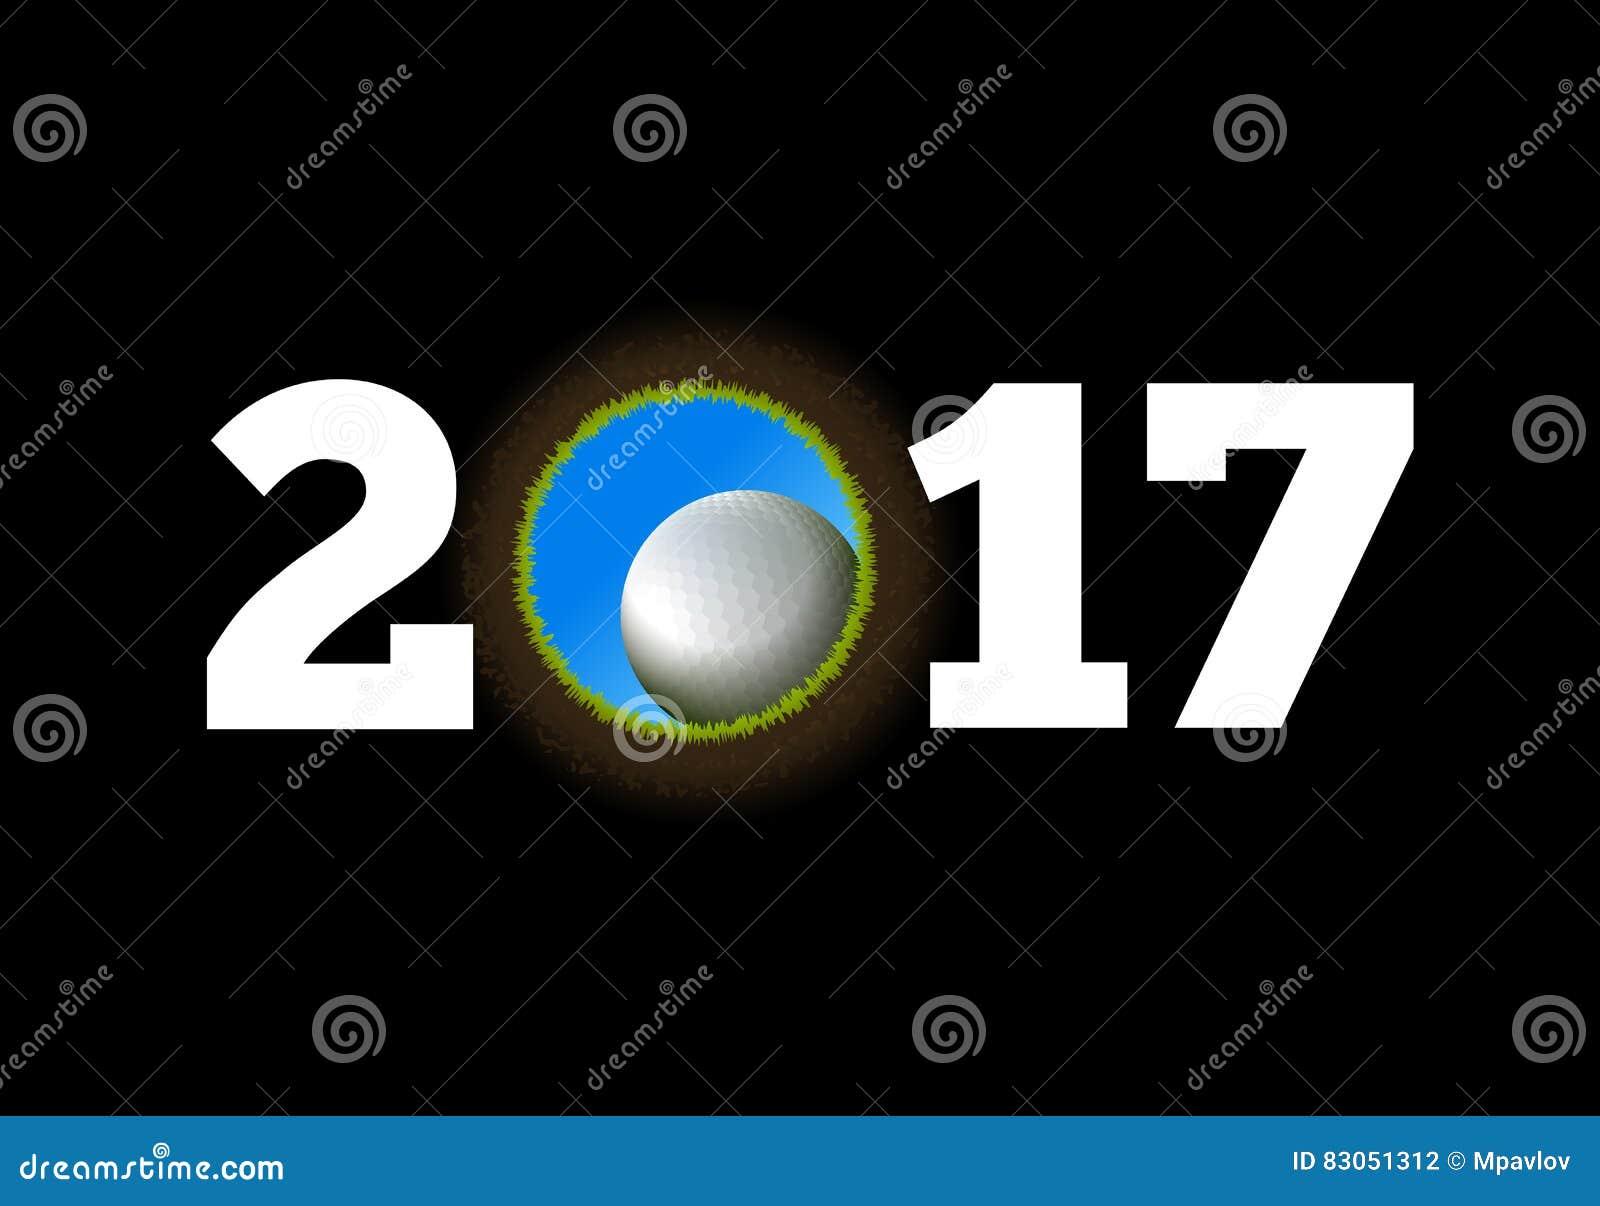 Καλή χρονιά στο υπόβαθρο μιας σφαίρας γκολφ που περιέρχεται στην τρύπα